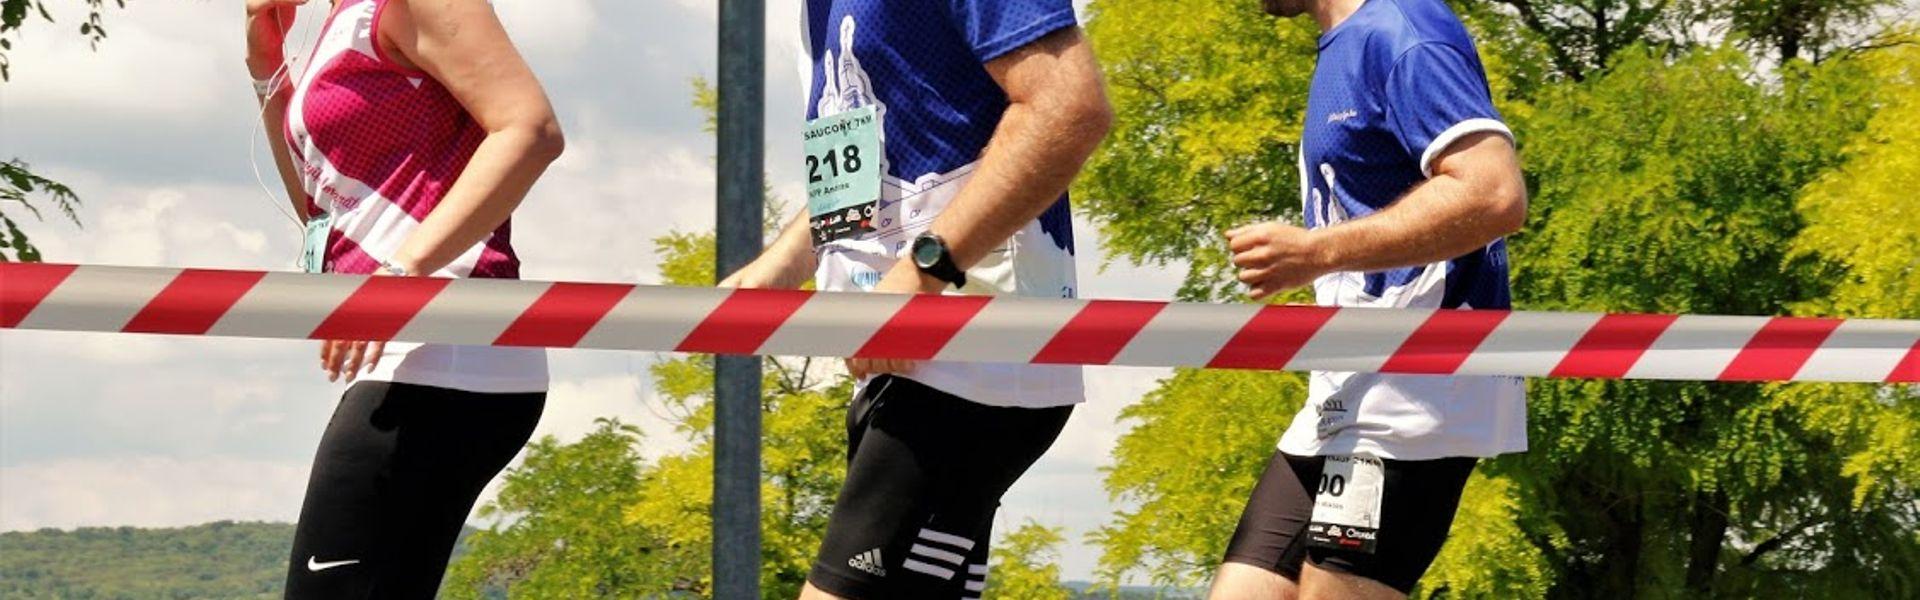 Okozhat-e függőséget a sportóra?